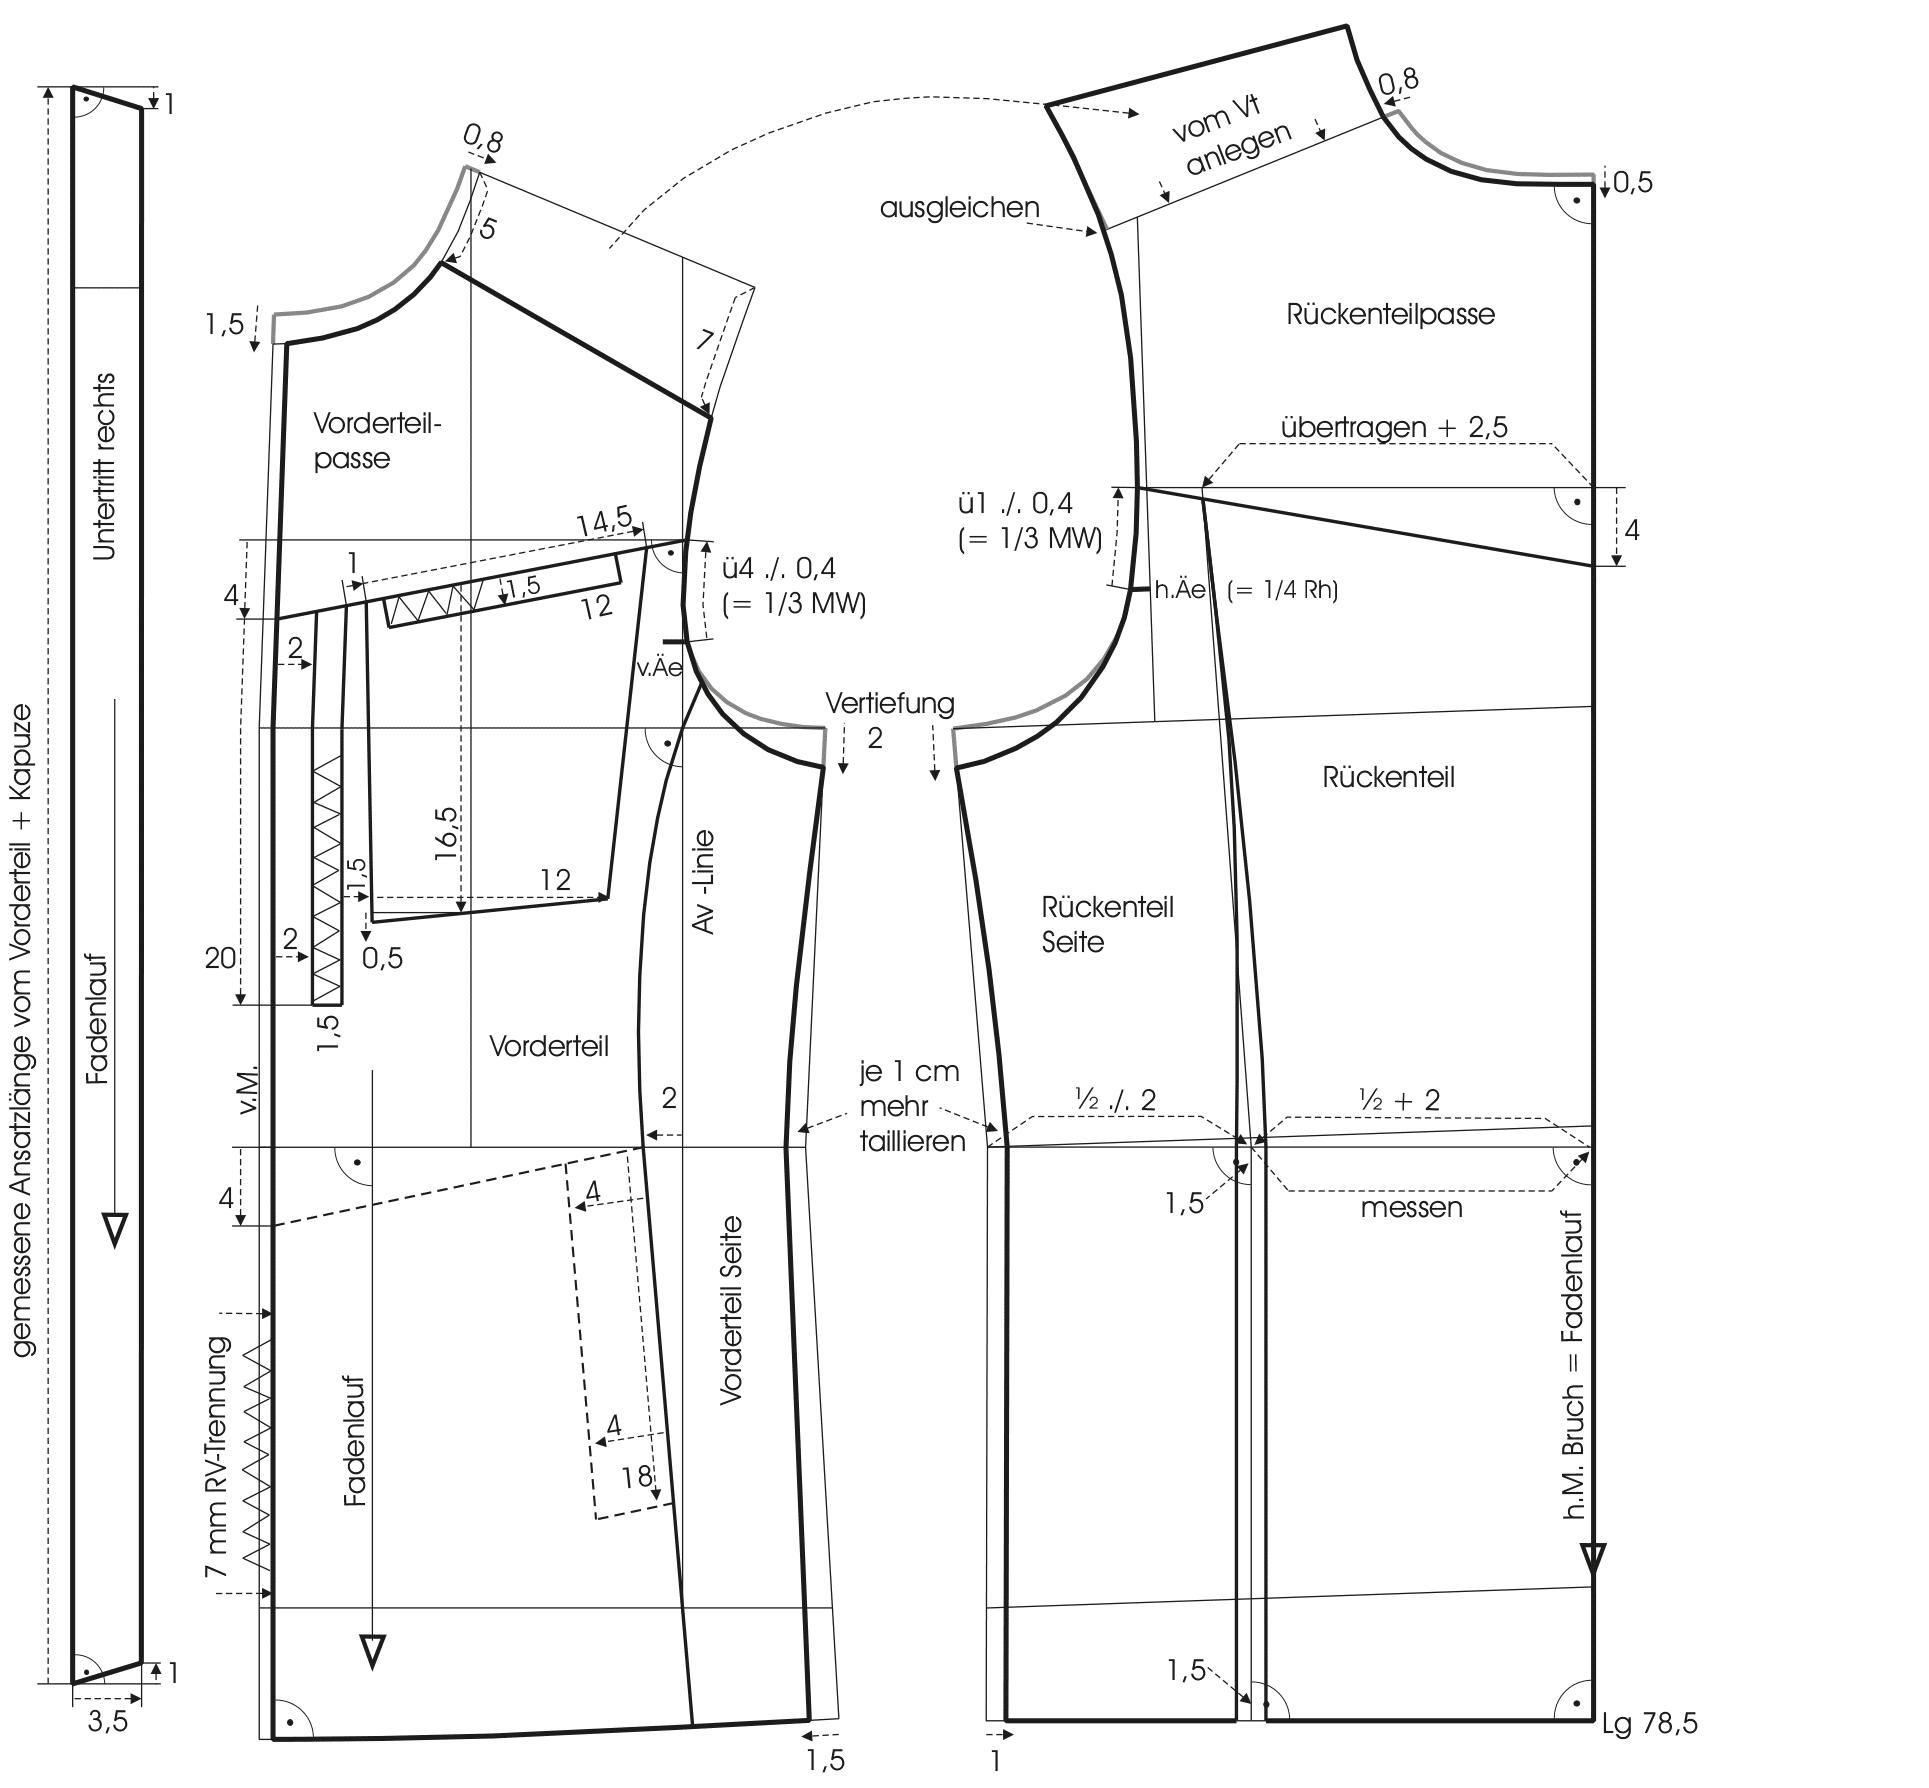 Die Abbildung zeigt die Schnittkonstruktion für eine Jacke mit Reißverschlüssen.